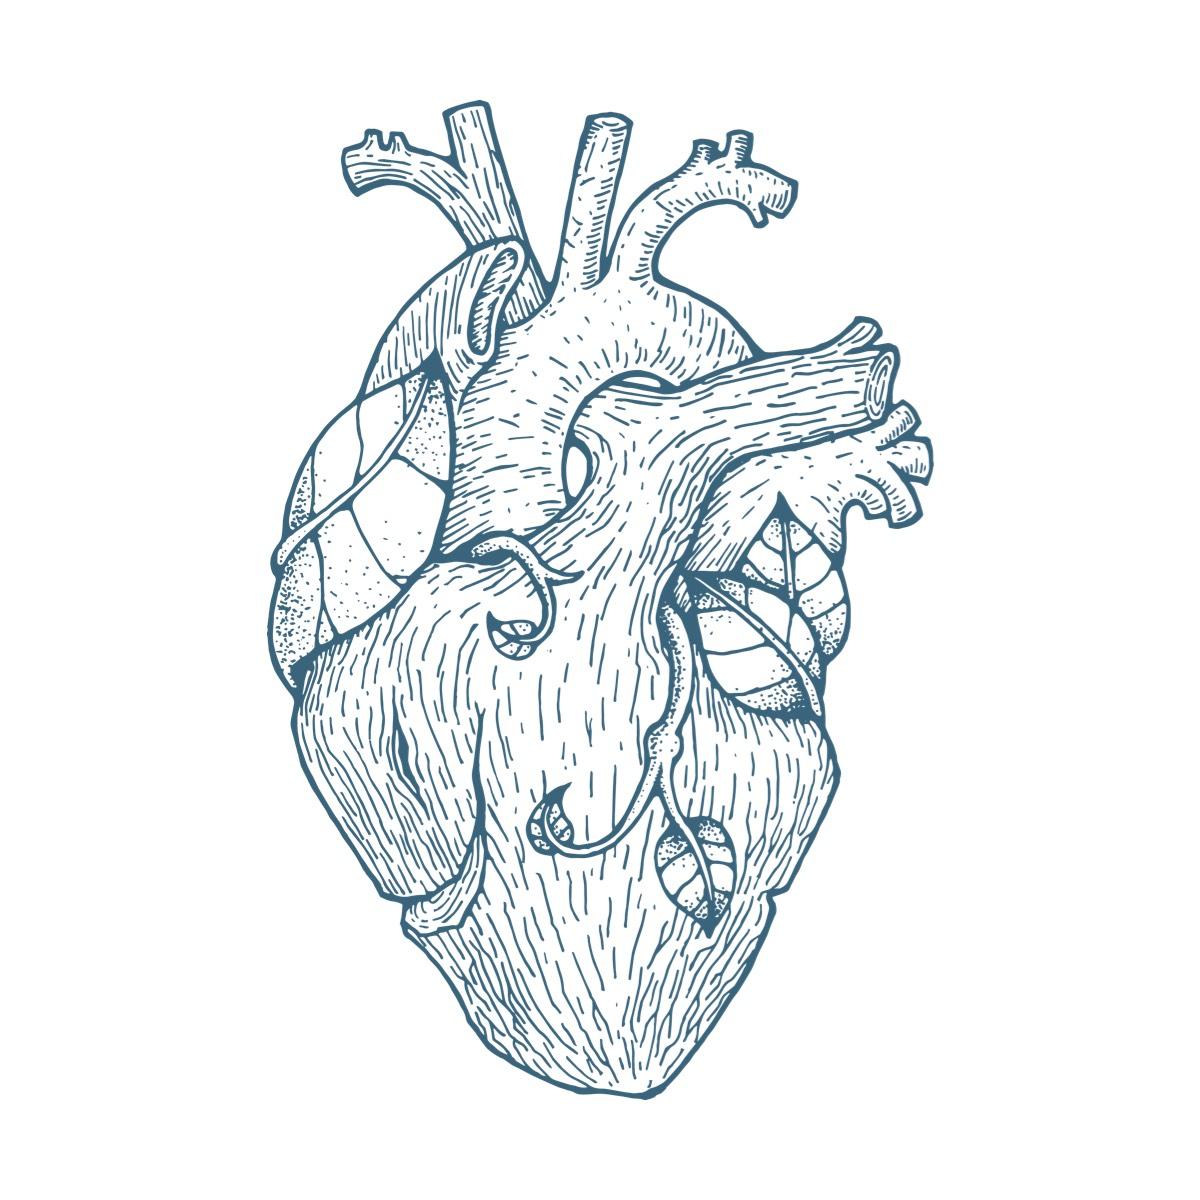 tree heart 樹心